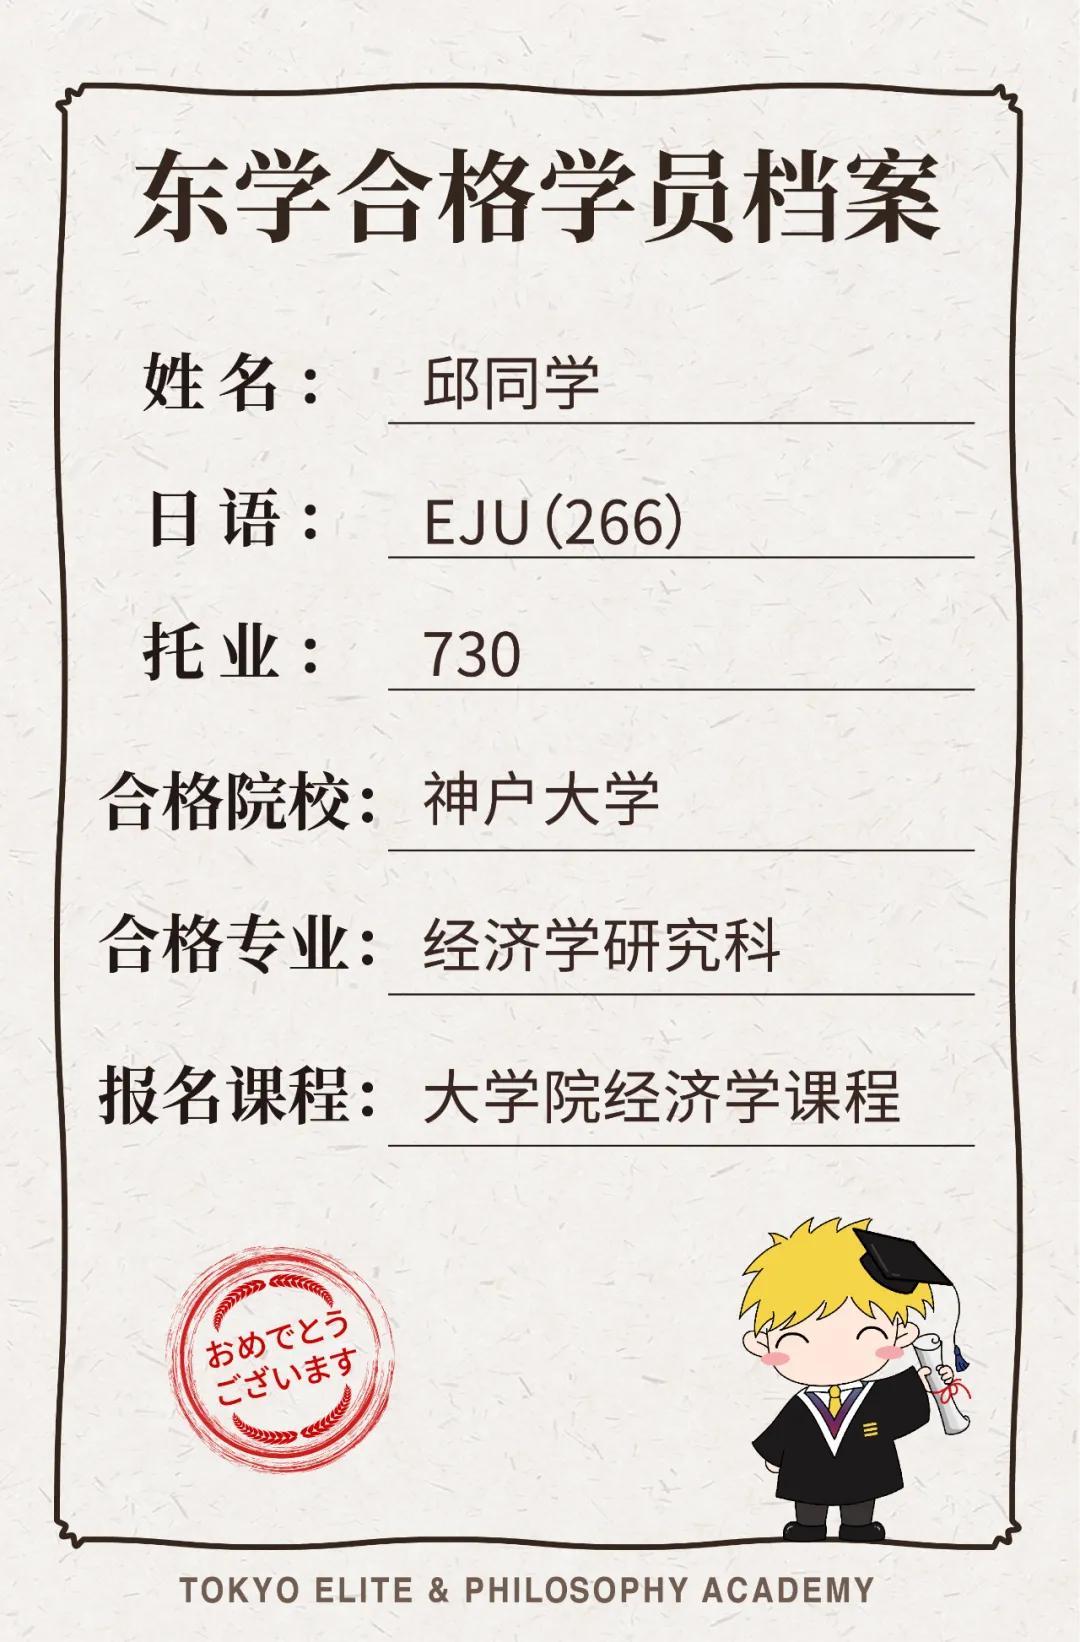 日本留学读研:神户大学、立命馆大学经济学喜报各+1